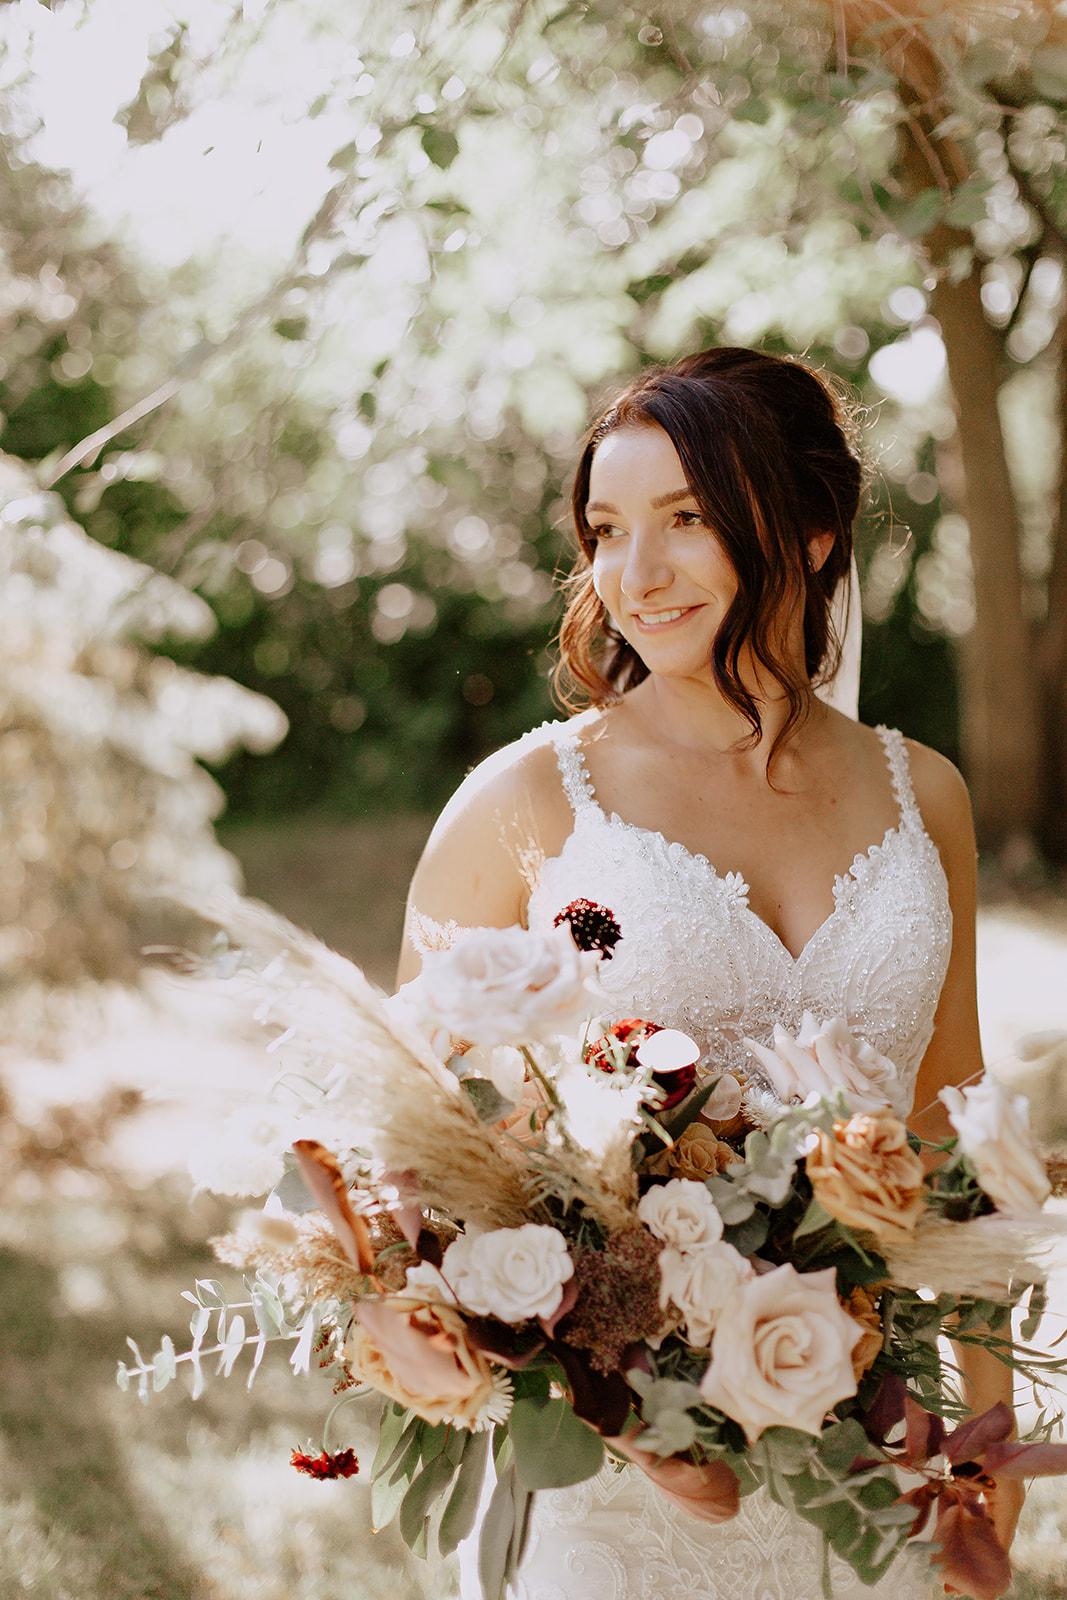 Bride_Groom_176.jpg